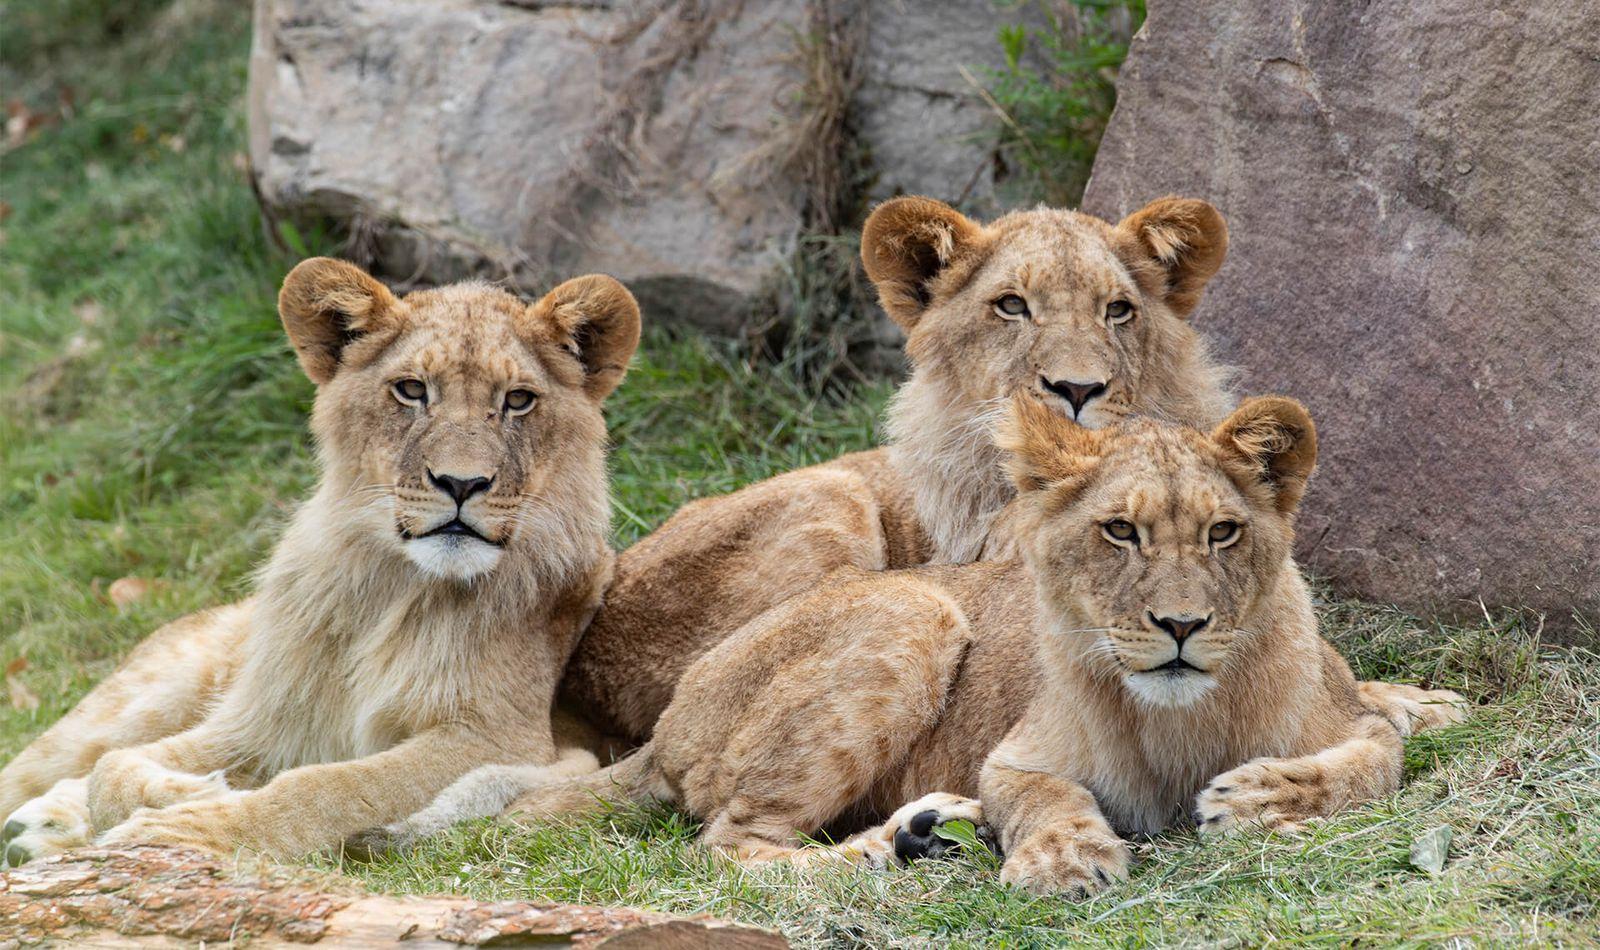 Lions d'Afrique - Animaux extraordinaires du ZooParc